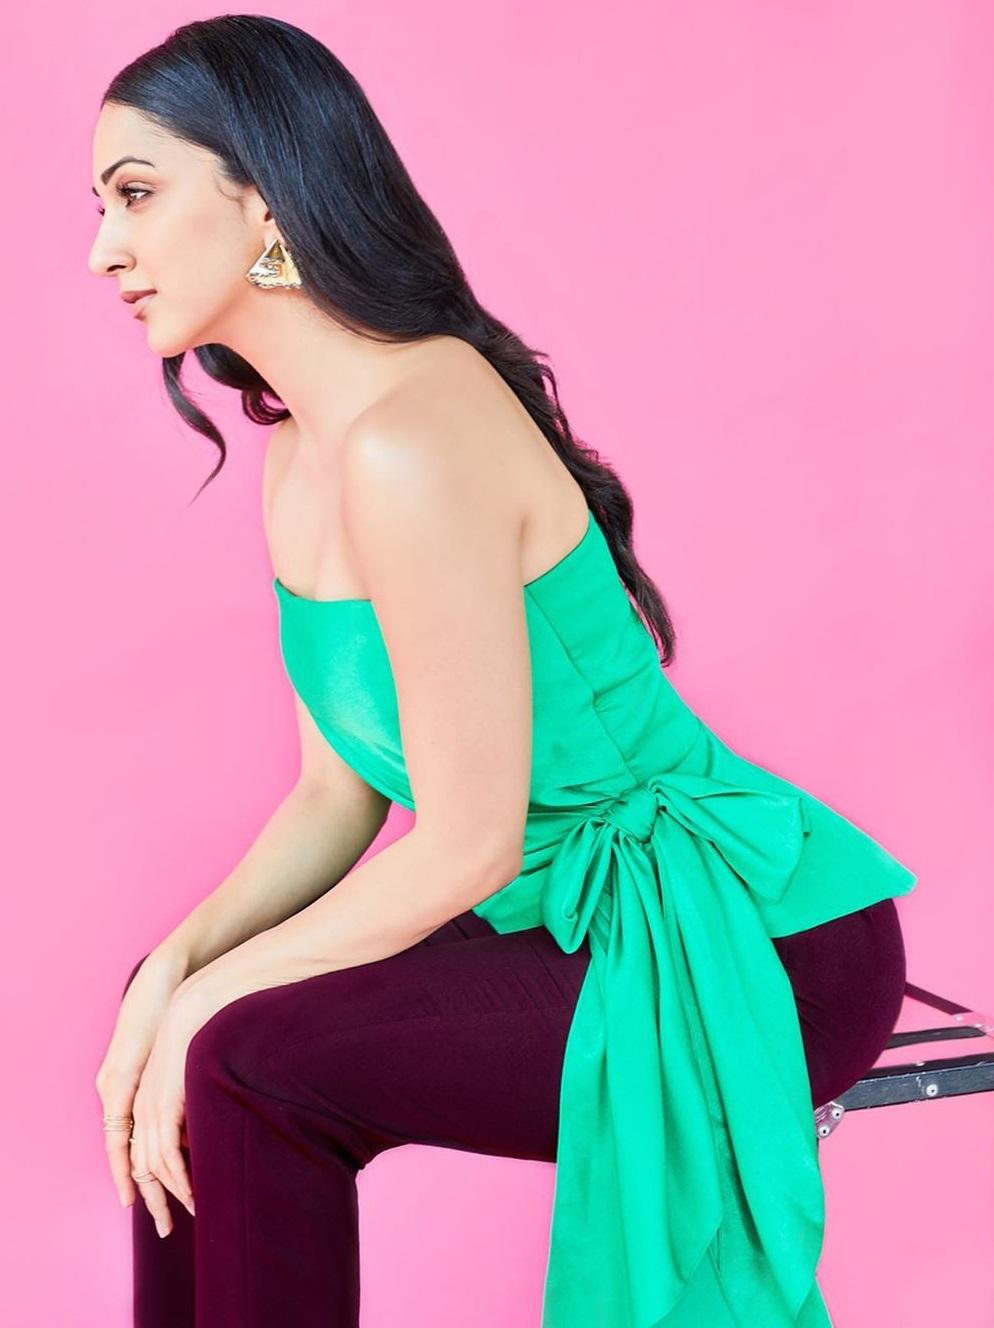 Bollywood Tadka, कियारा आडवाणी इमेज, कियारा आडवाणी फोटो, कियारा आडवाणी पिक्चर